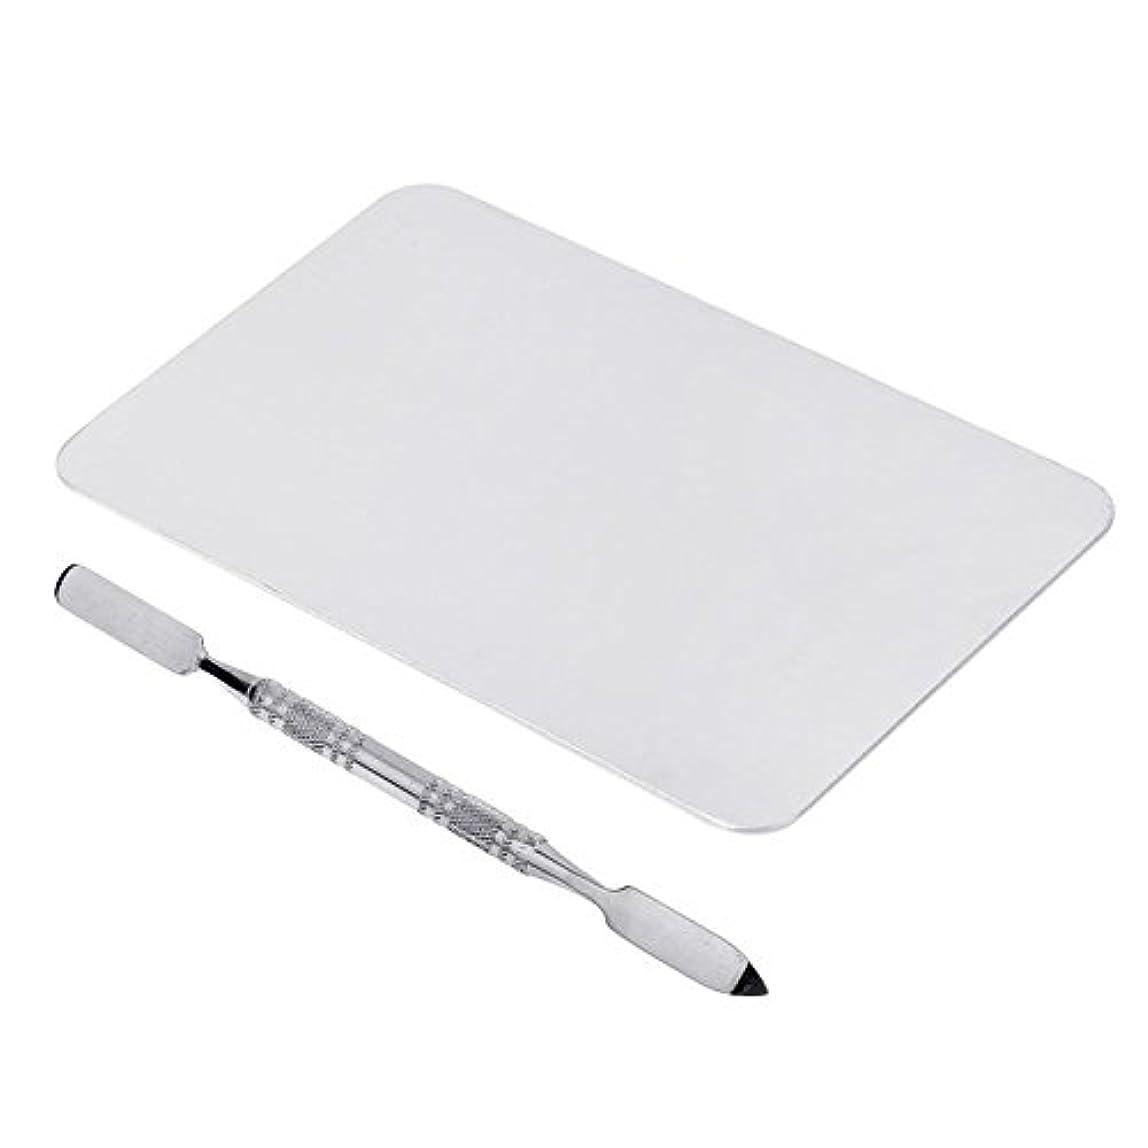 丁寧要塞手段SODIAL 2色のメイクパレットマニキュア、メイクアップ、アイシャドウパレットパレットセット12cm